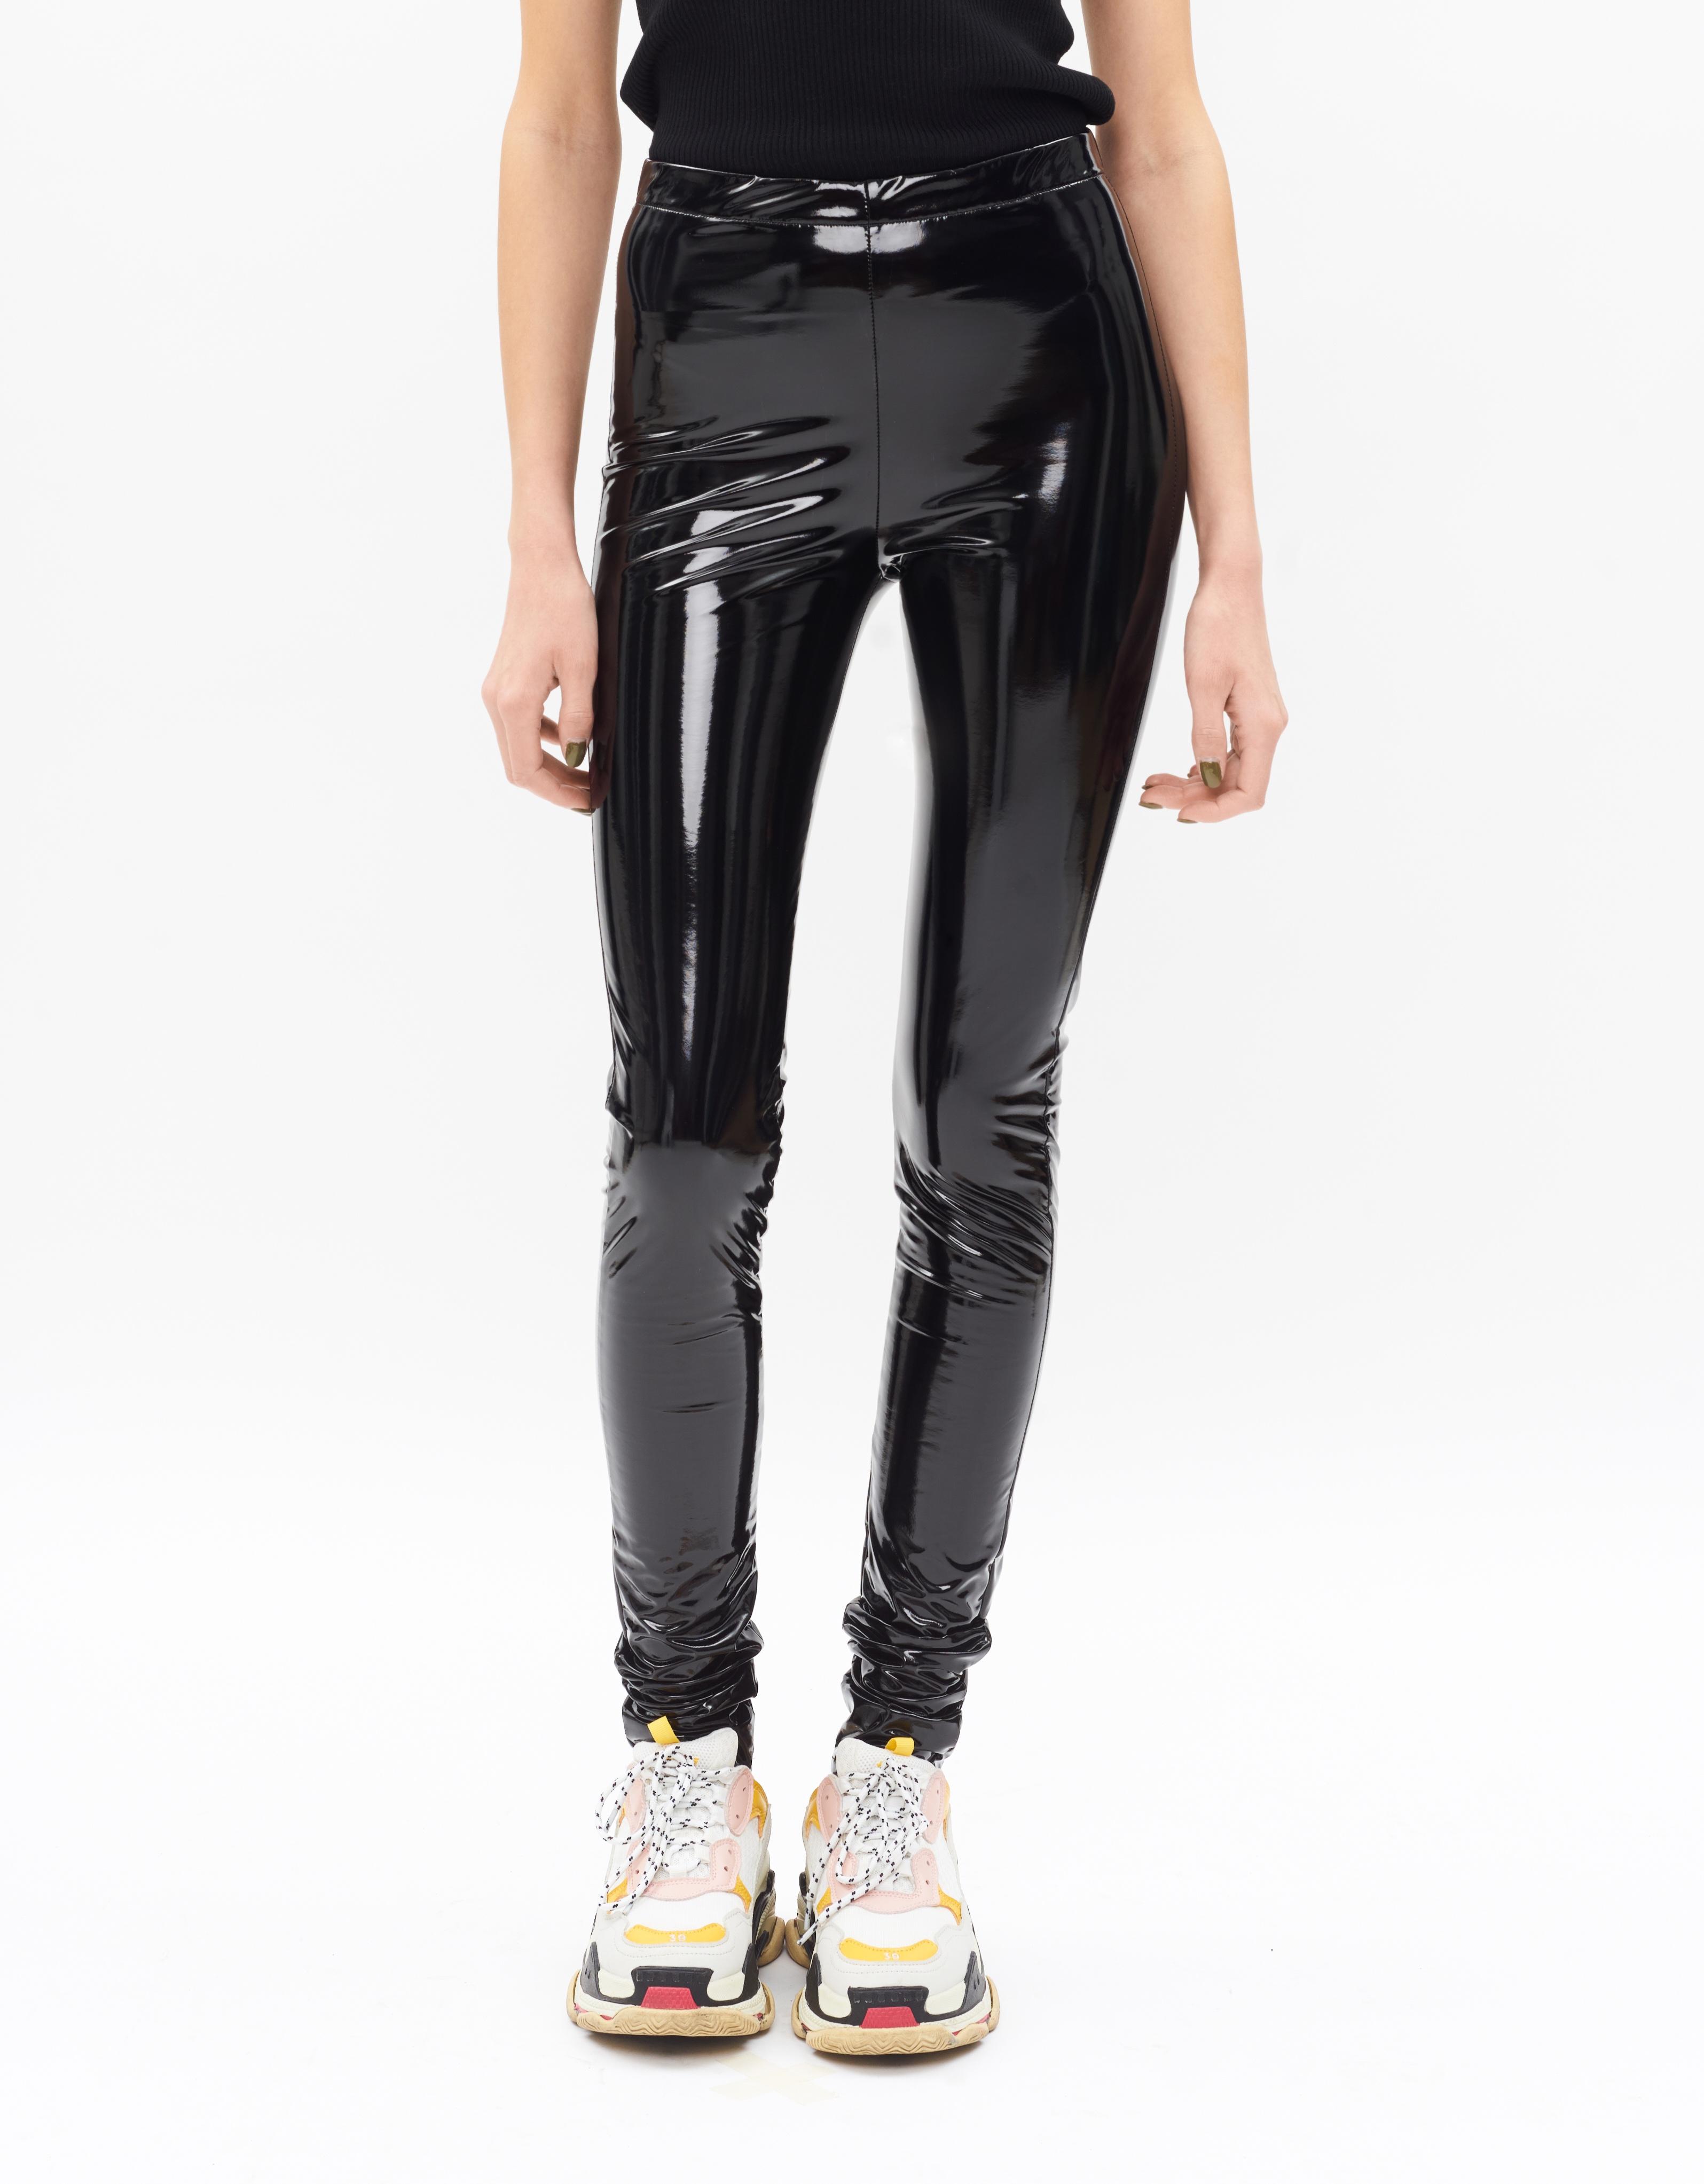 Latex leggings trend